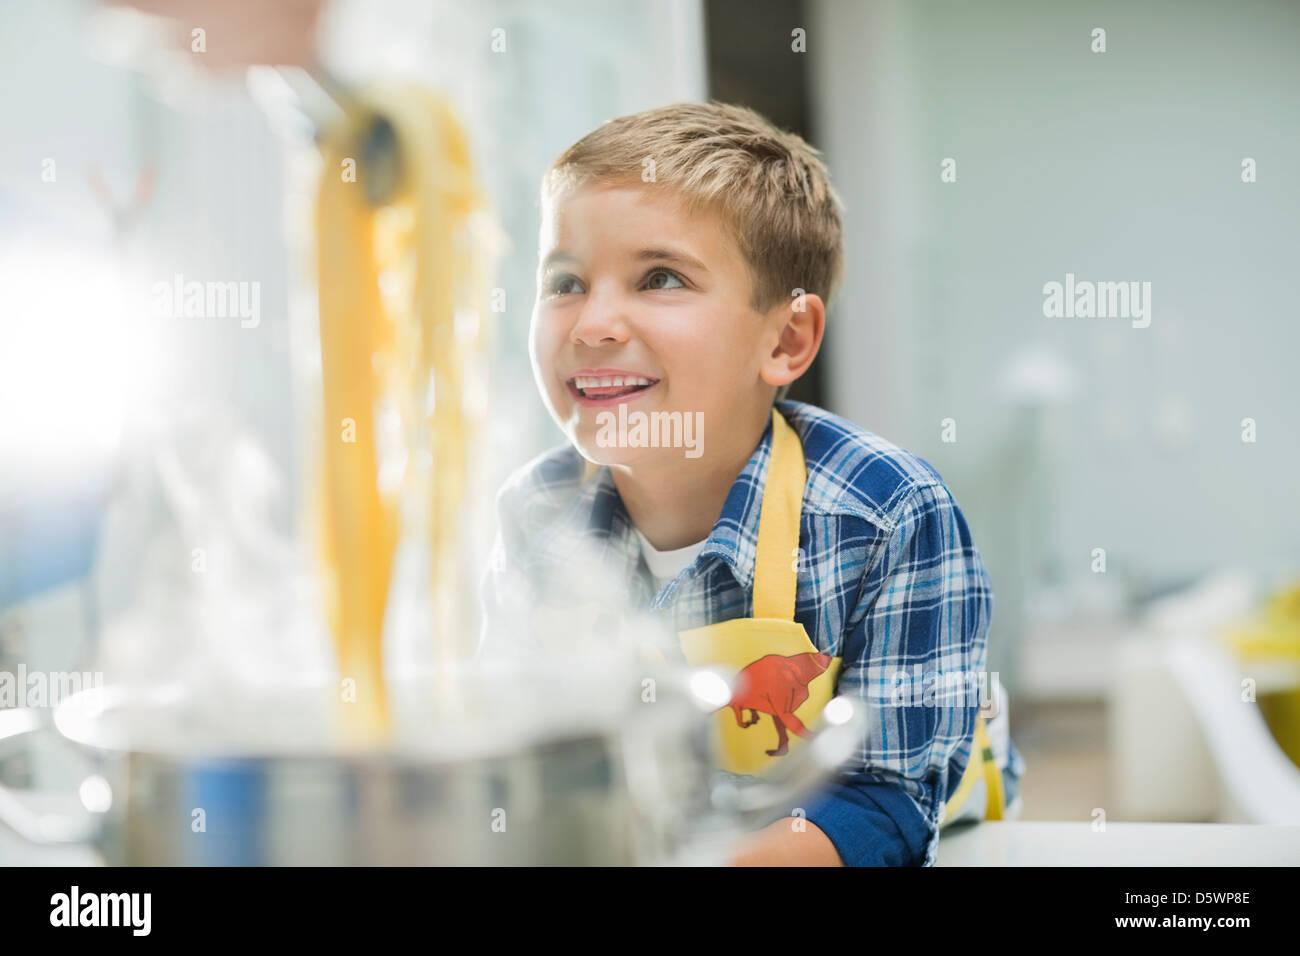 Niño sonriendo en la cocina Imagen De Stock